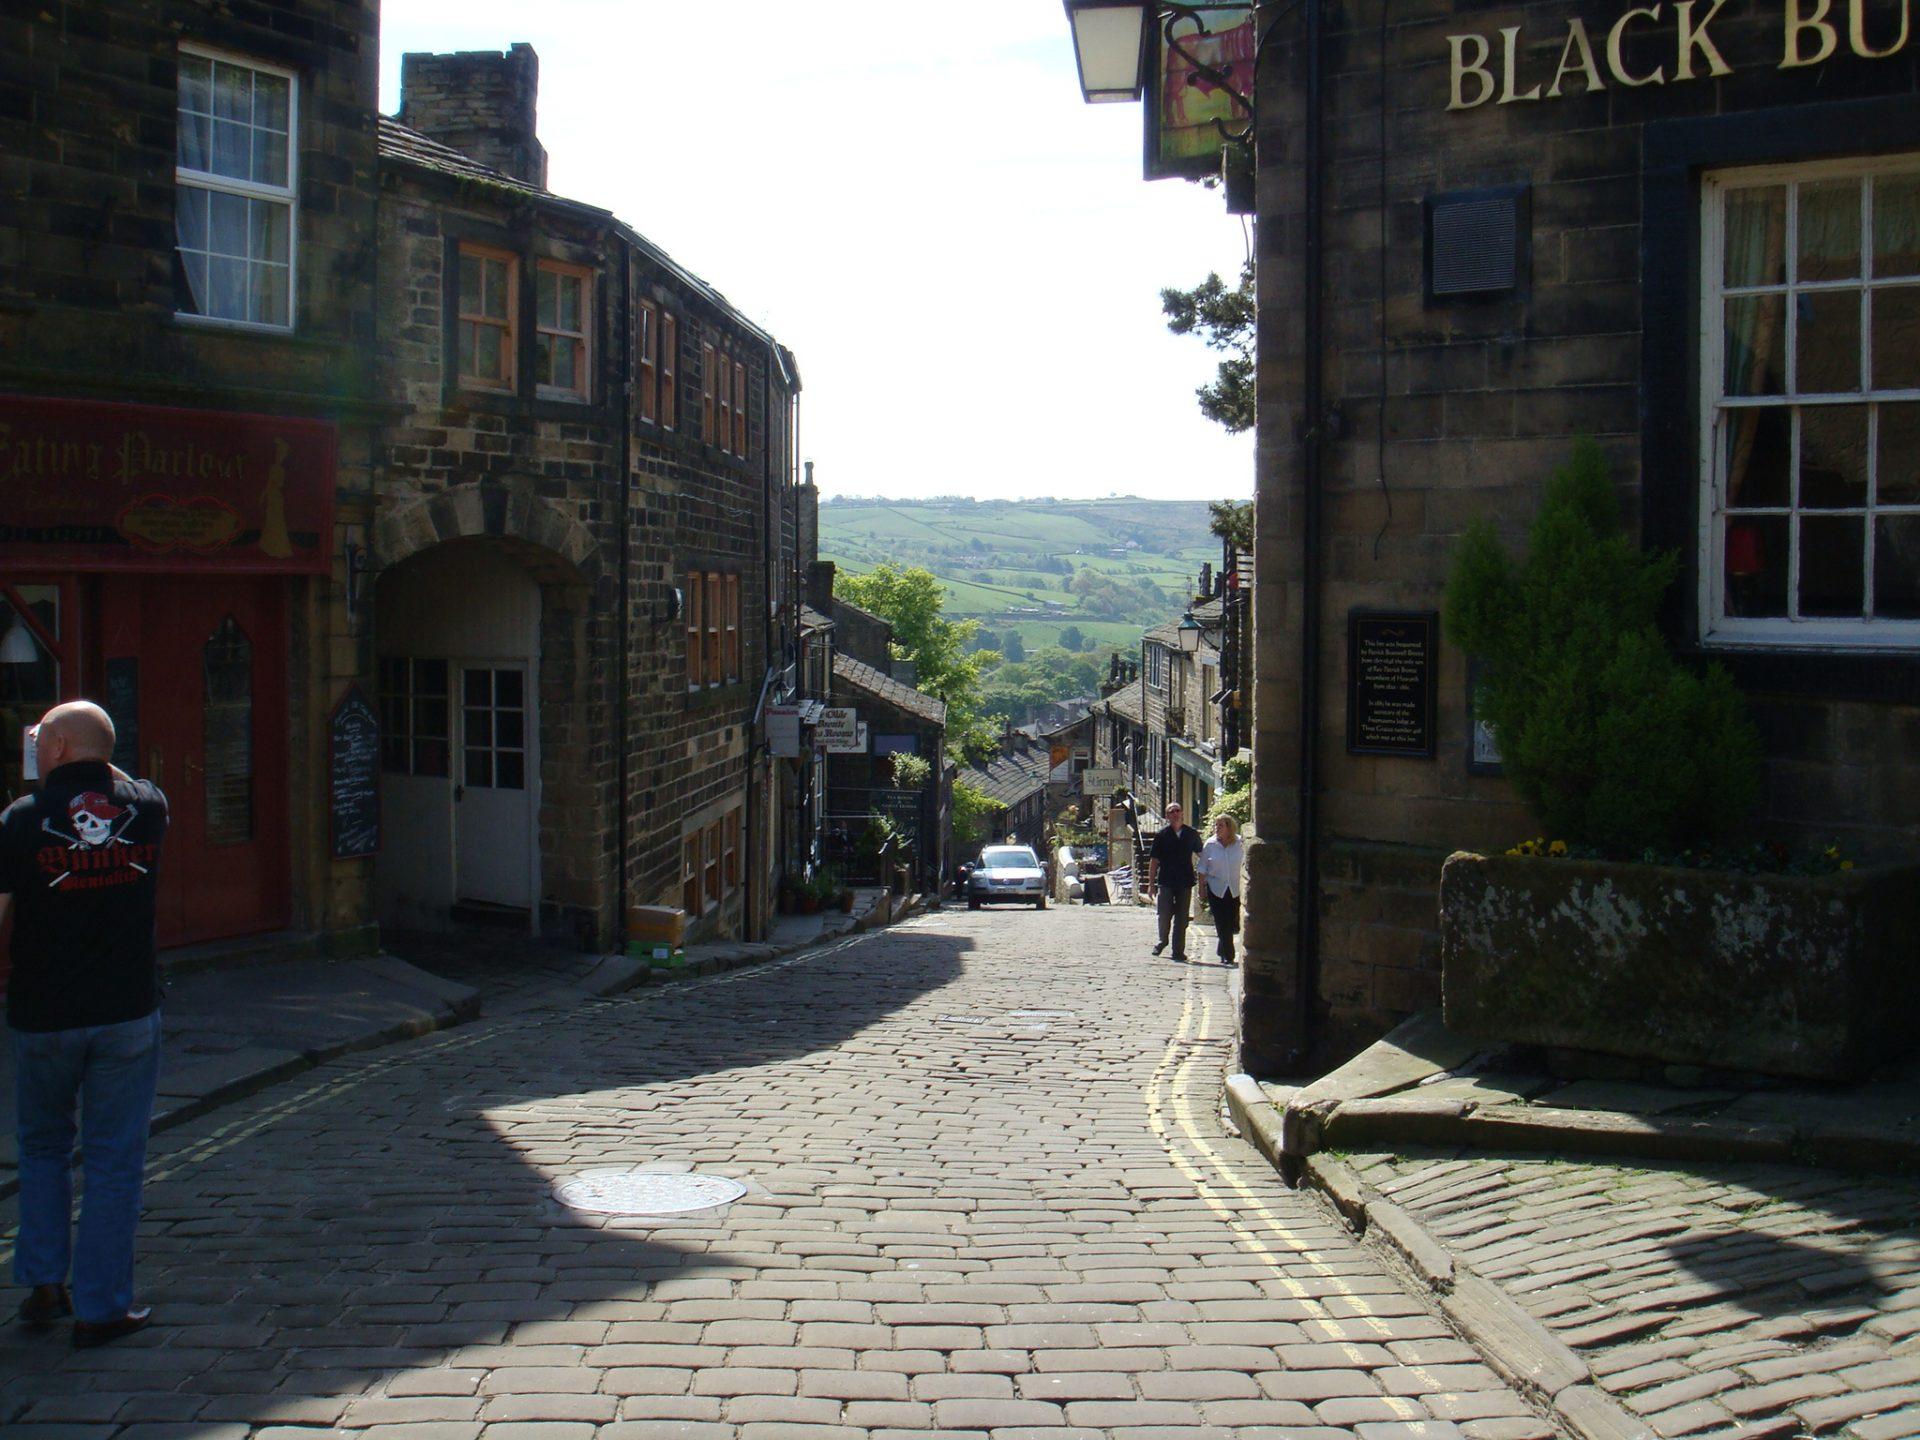 The village of Haworth